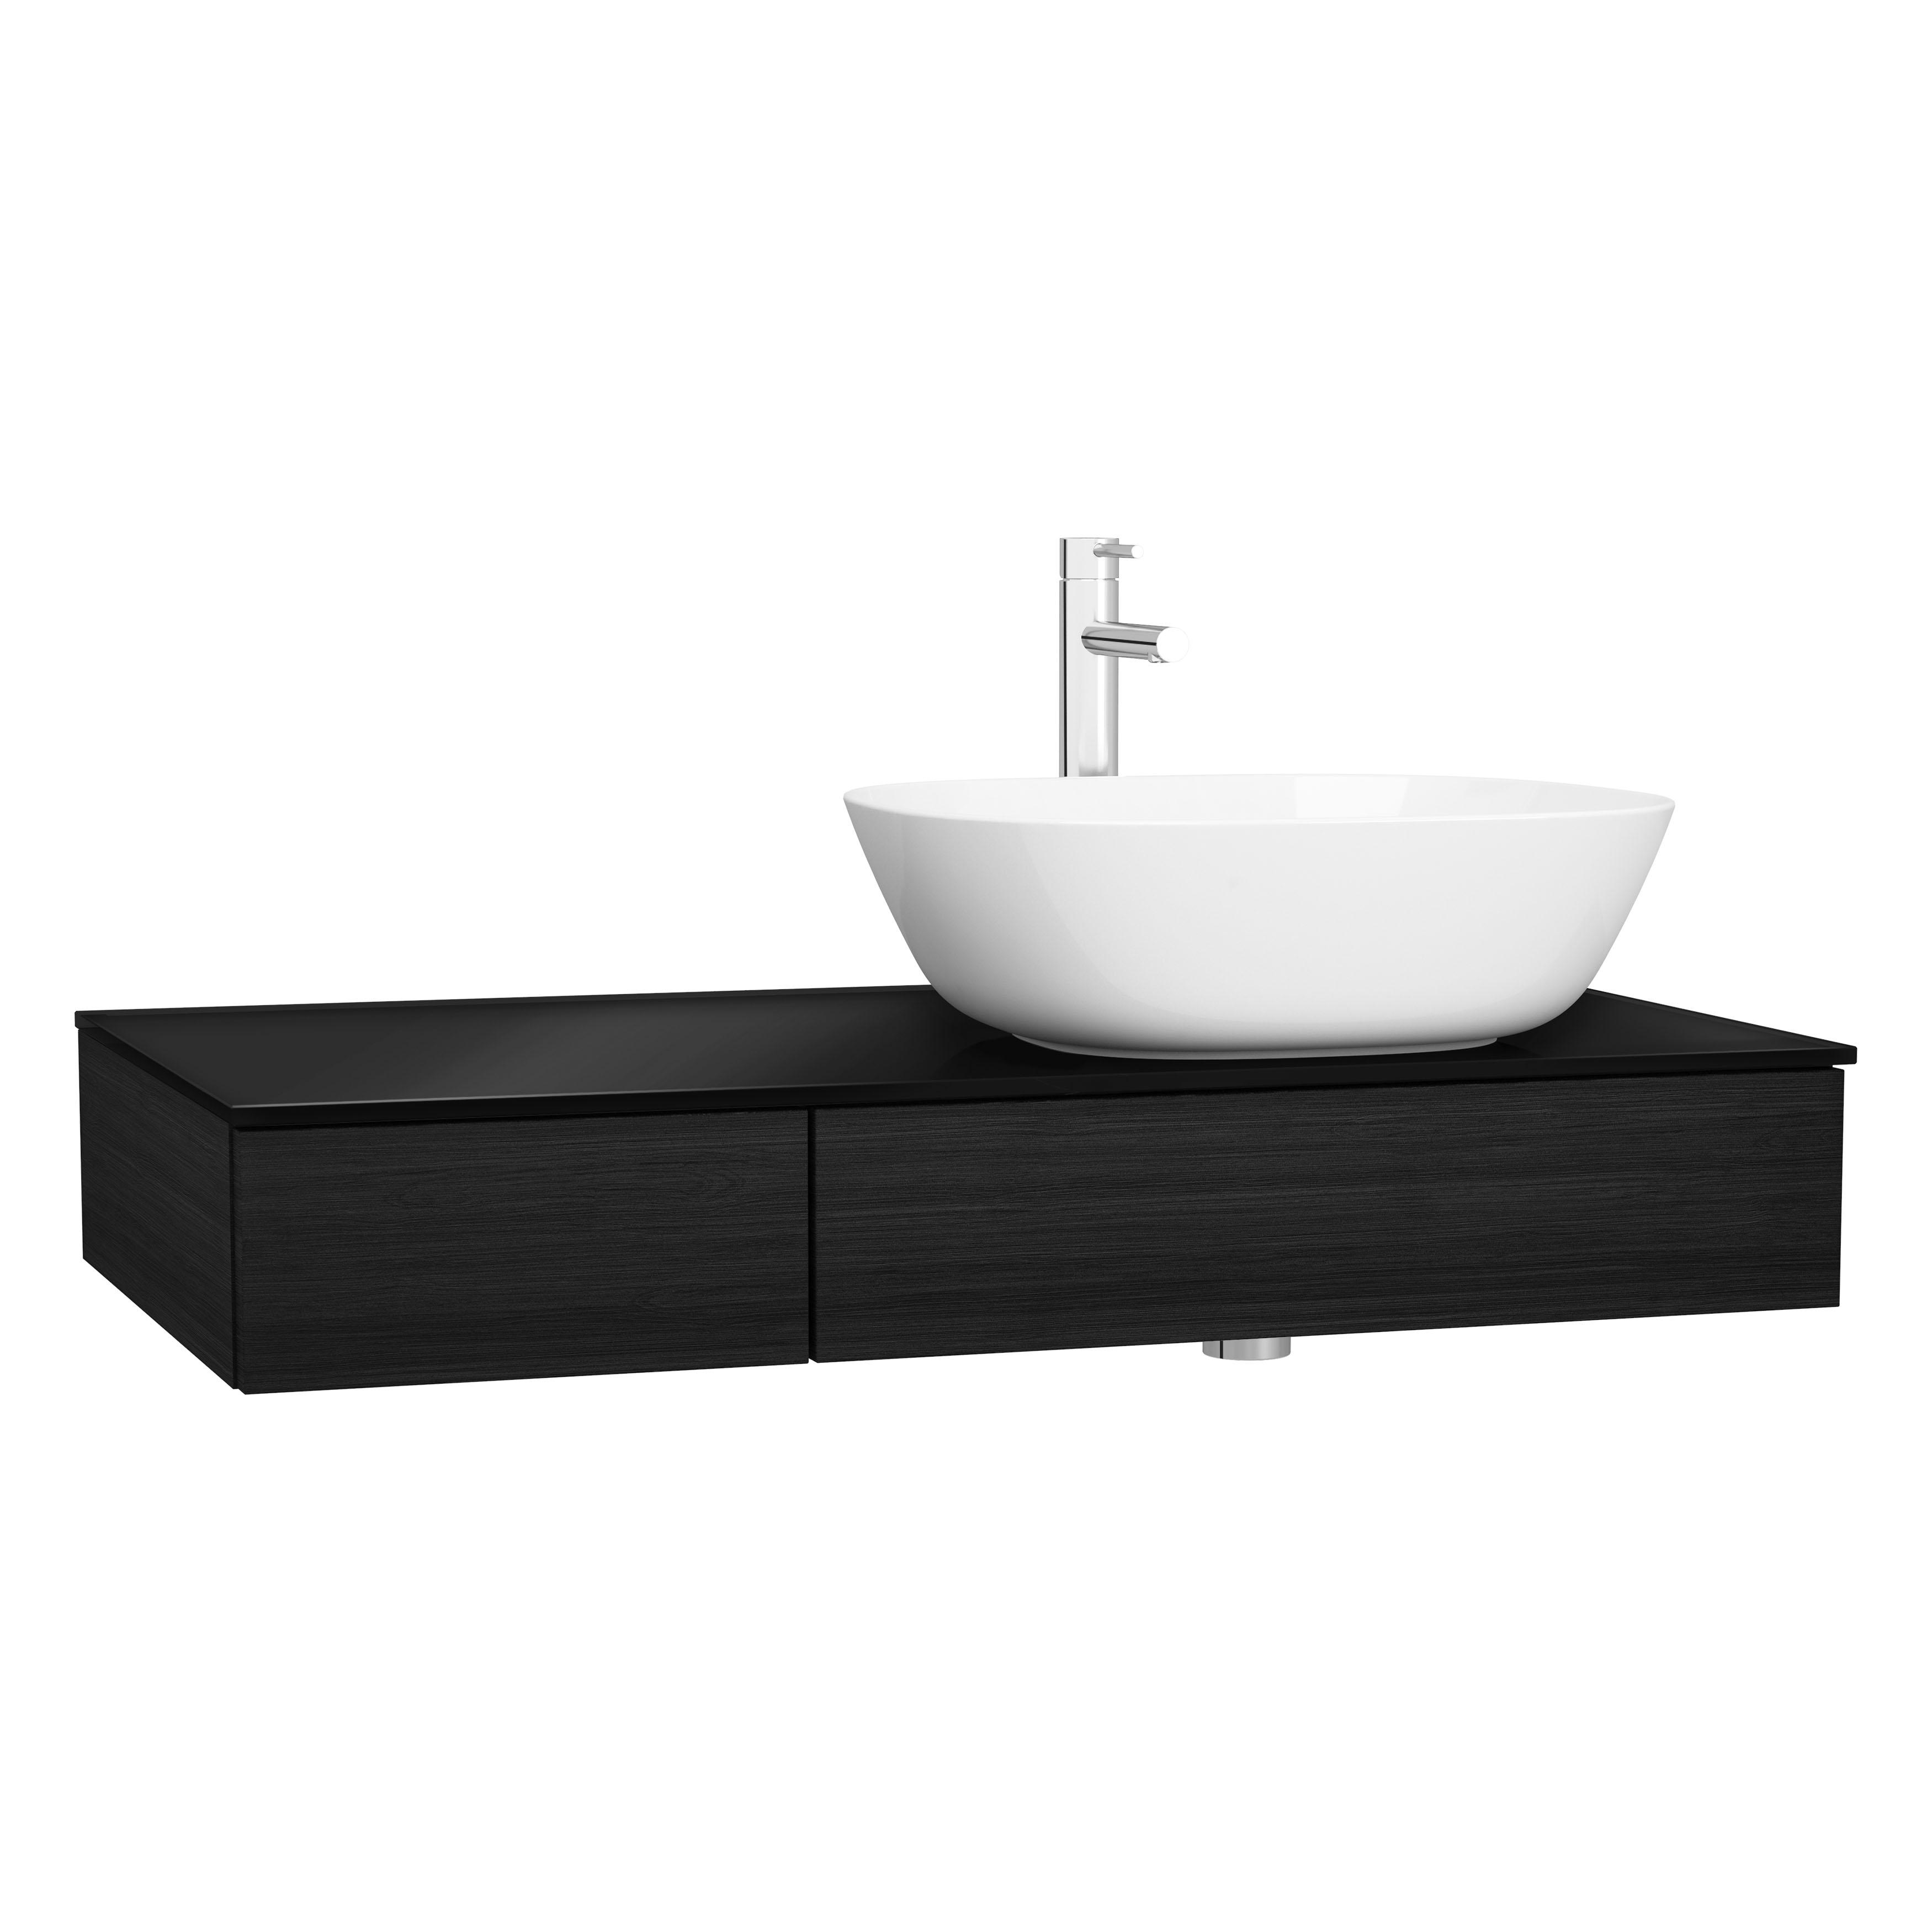 Origin plan de toilette avec tiroir, 90 cm, chêne noir structure, droite